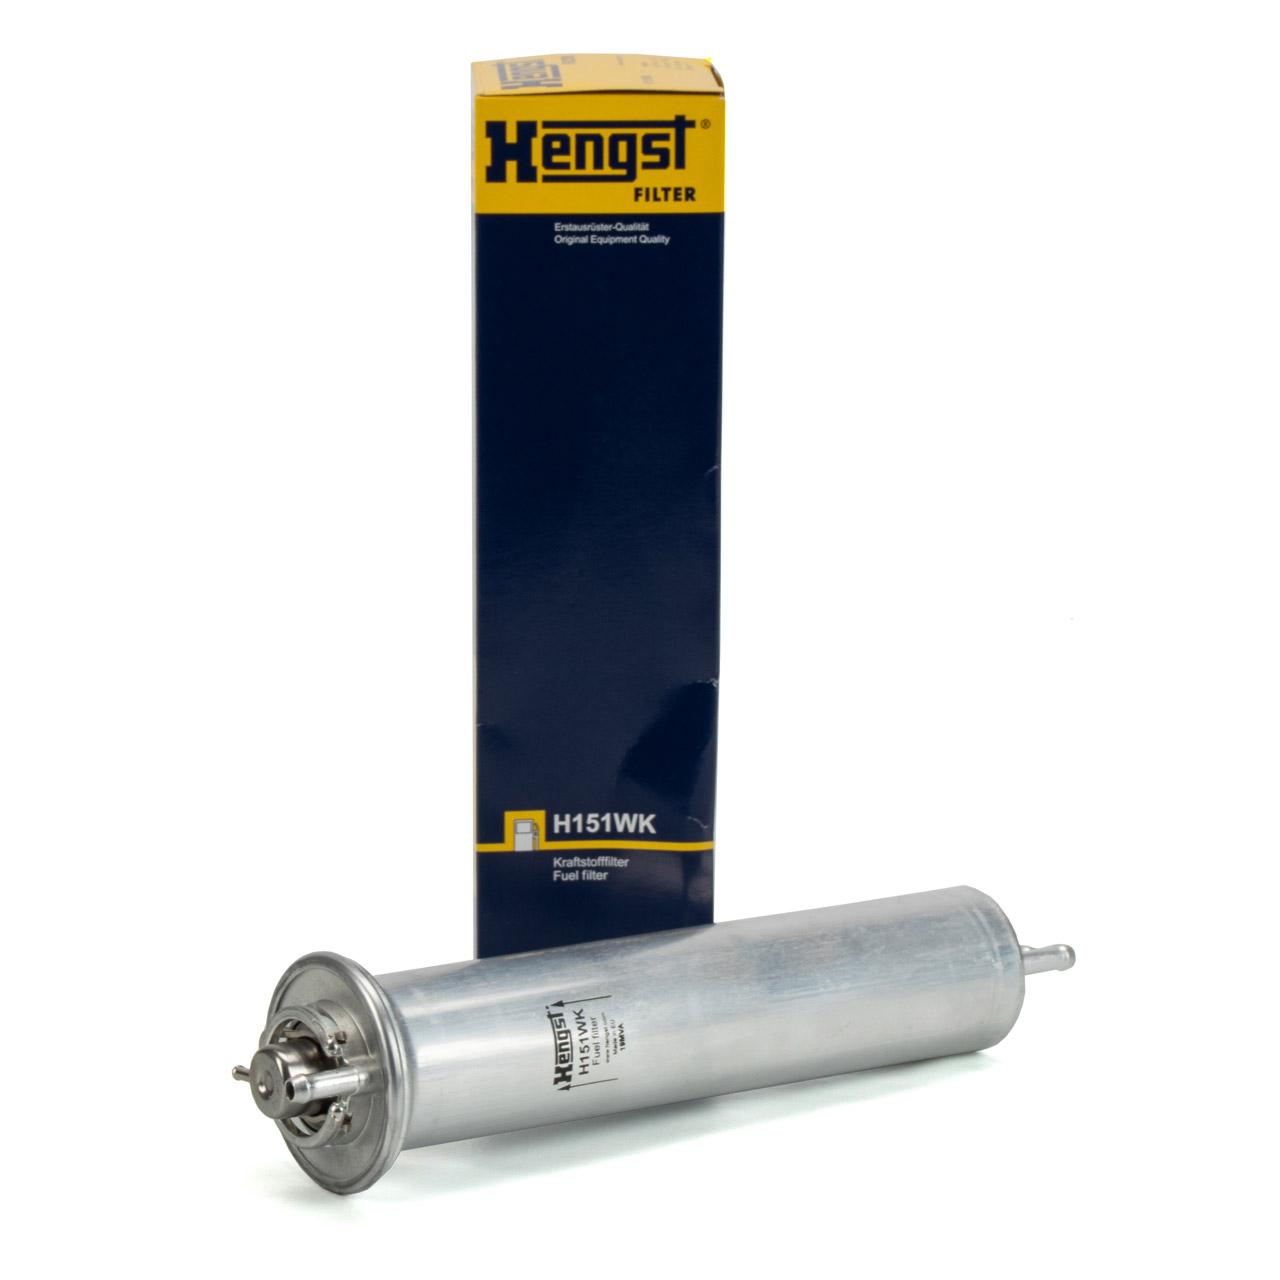 HENGST H151WK Kraftstofffilter für BMW 5er E39 520-540i 7er E38 735i 740i X5 E53